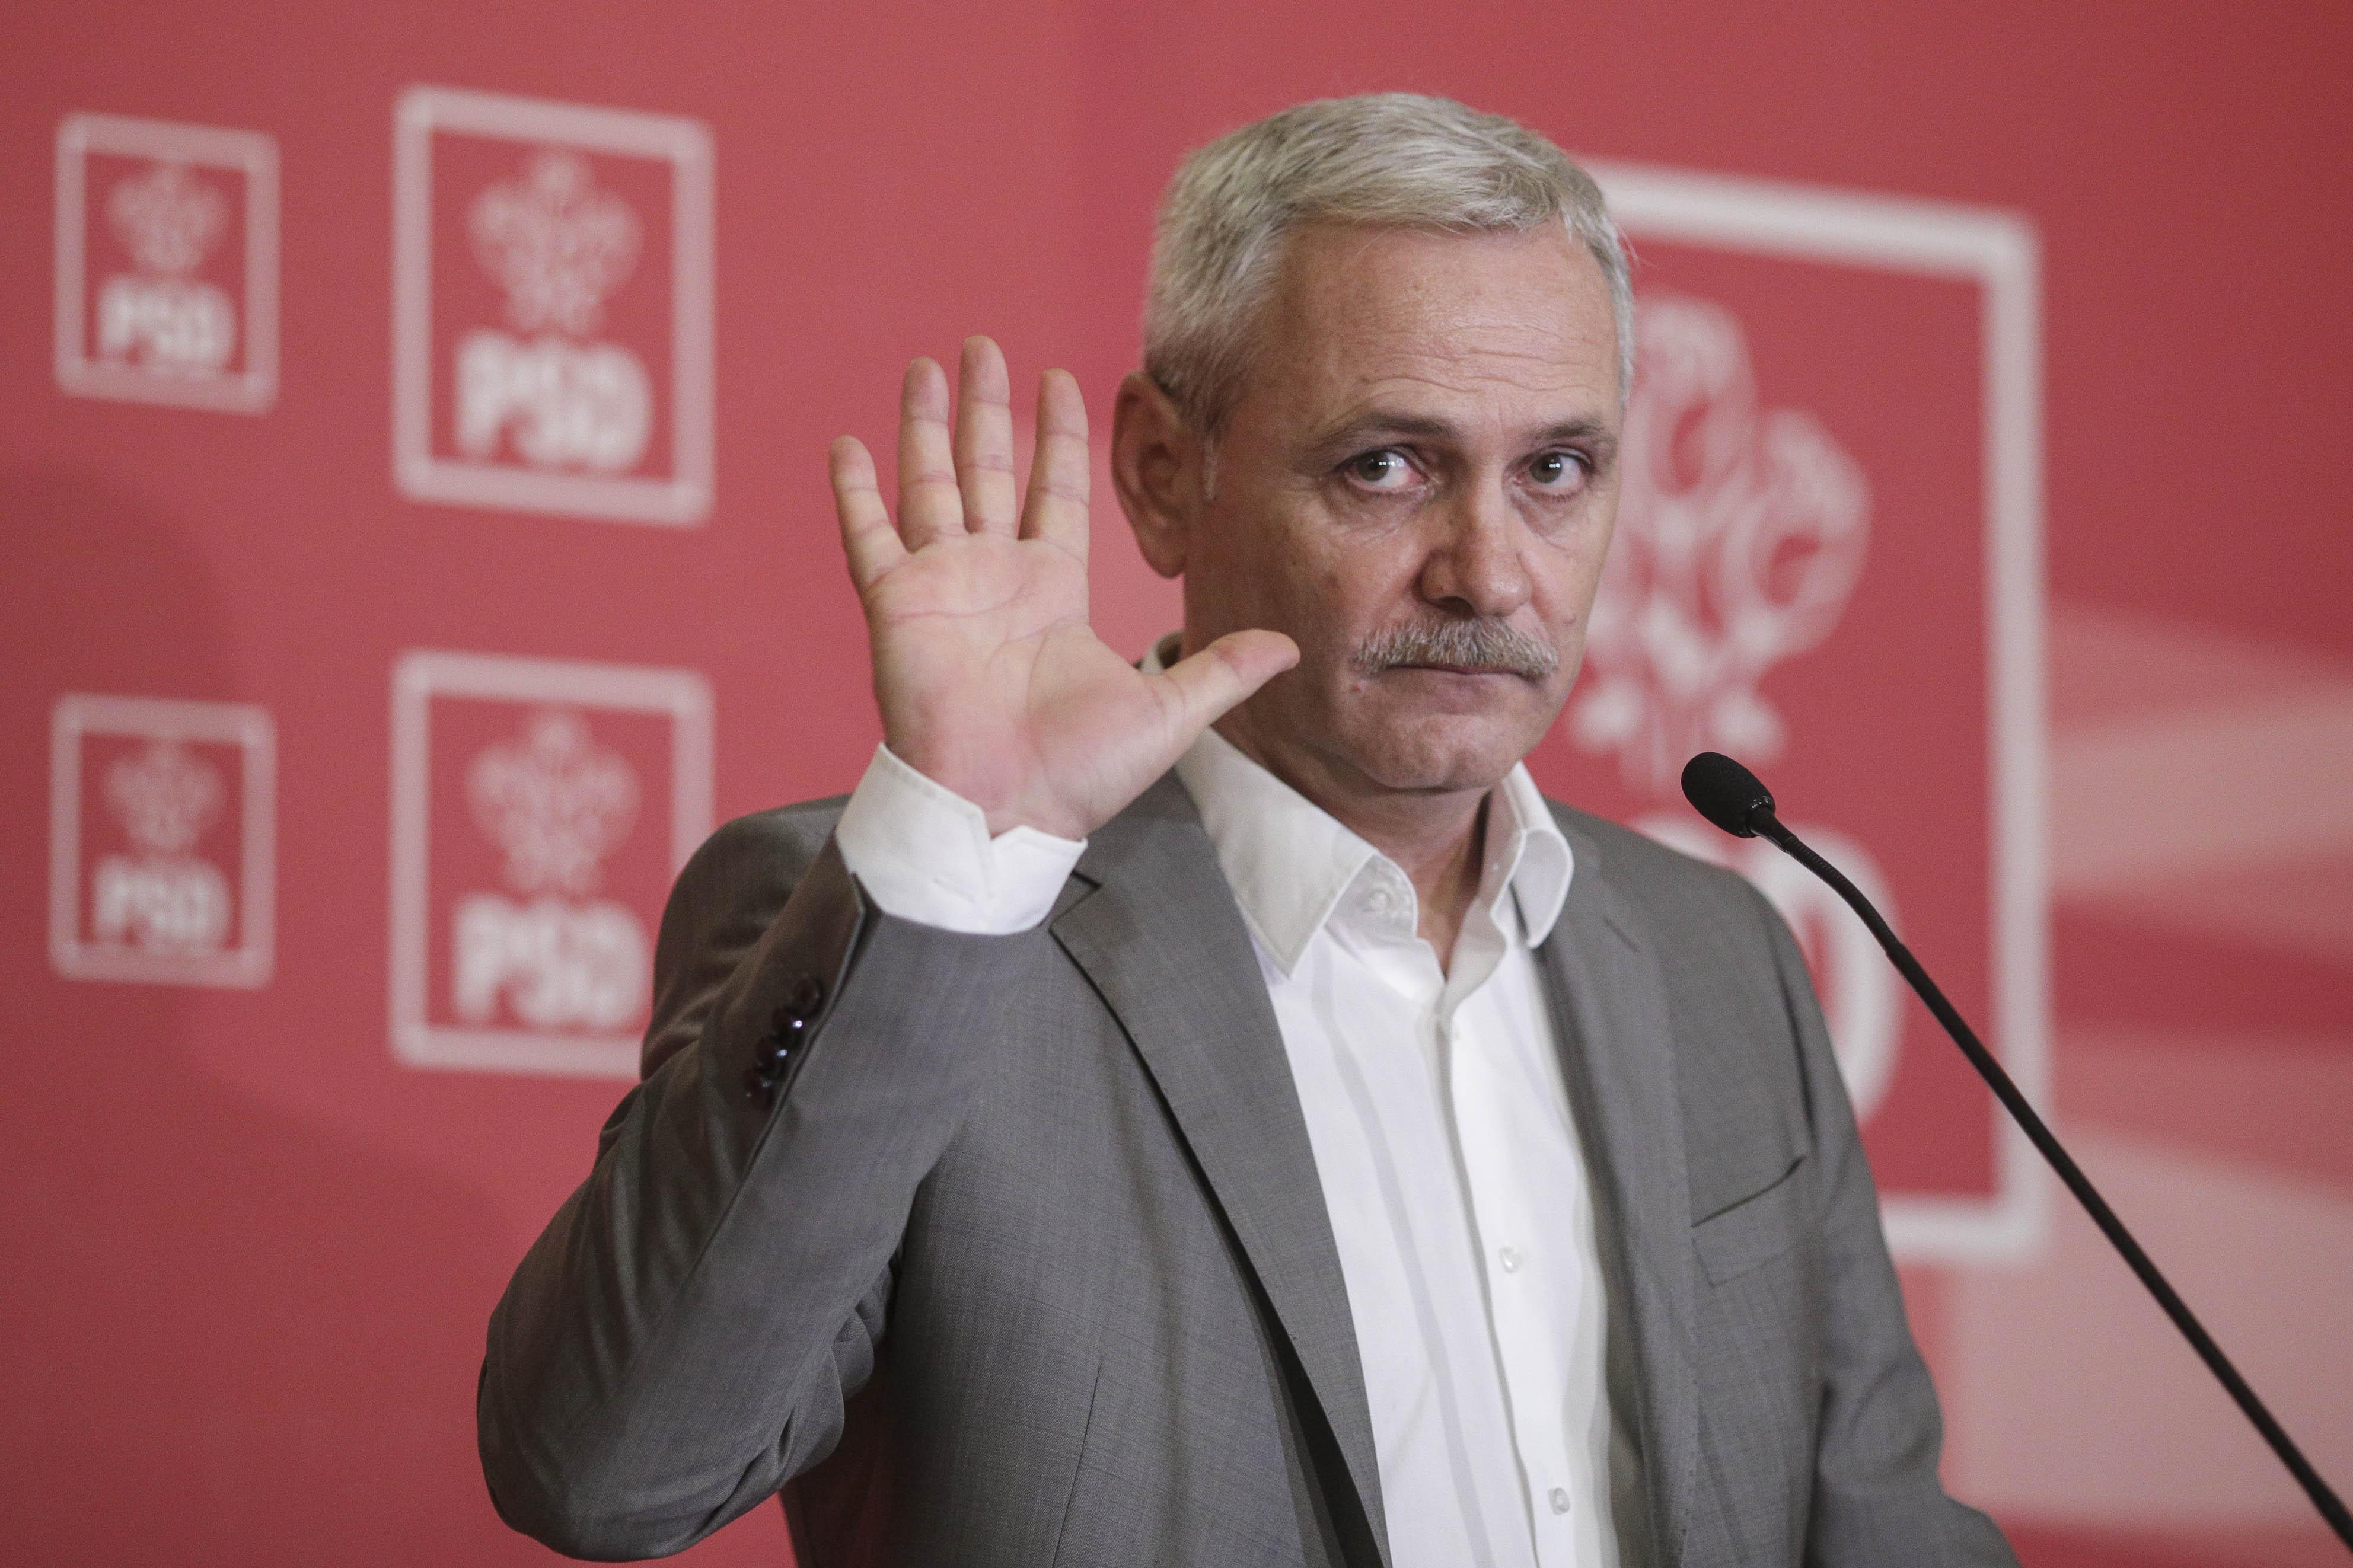 CEx-ul PSD va avea loc săptămâna viitoare. Dragnea s-a enervat din nou